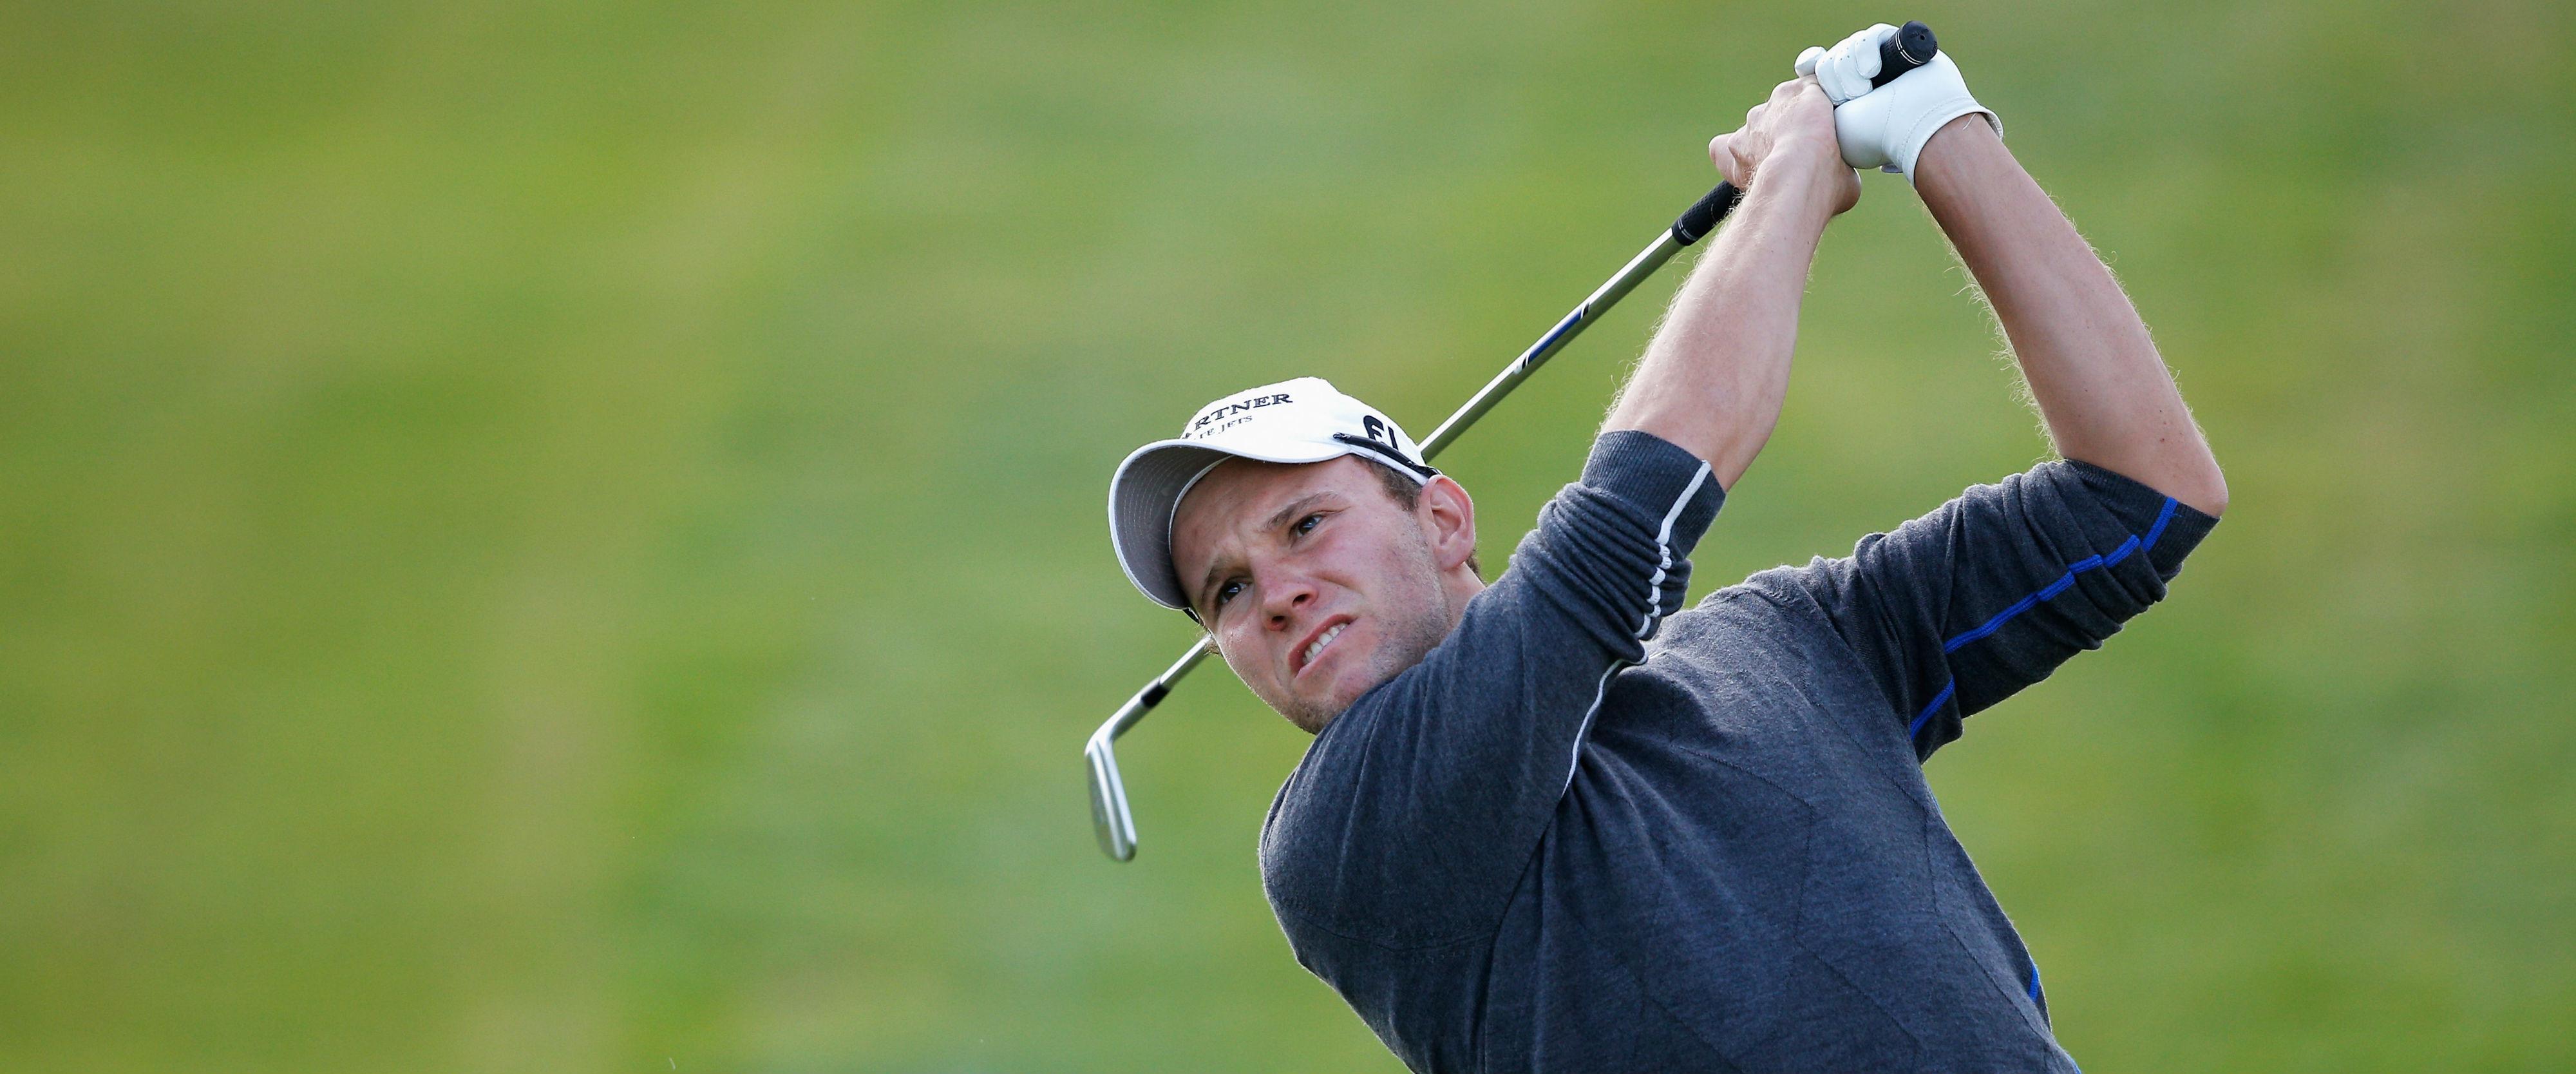 Nächstes Turnier, nächster Cut - wie ein Golf-Uhrwerk: Maximilian Kieffer vor dem Wochenende bei -6. (Foto: Getty)